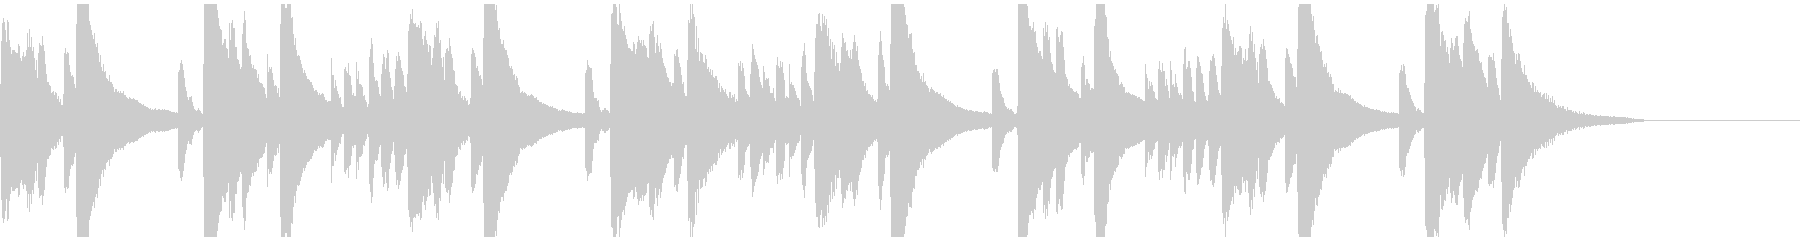 メロディとコードのシンプルなピアノ2の未再生の波形